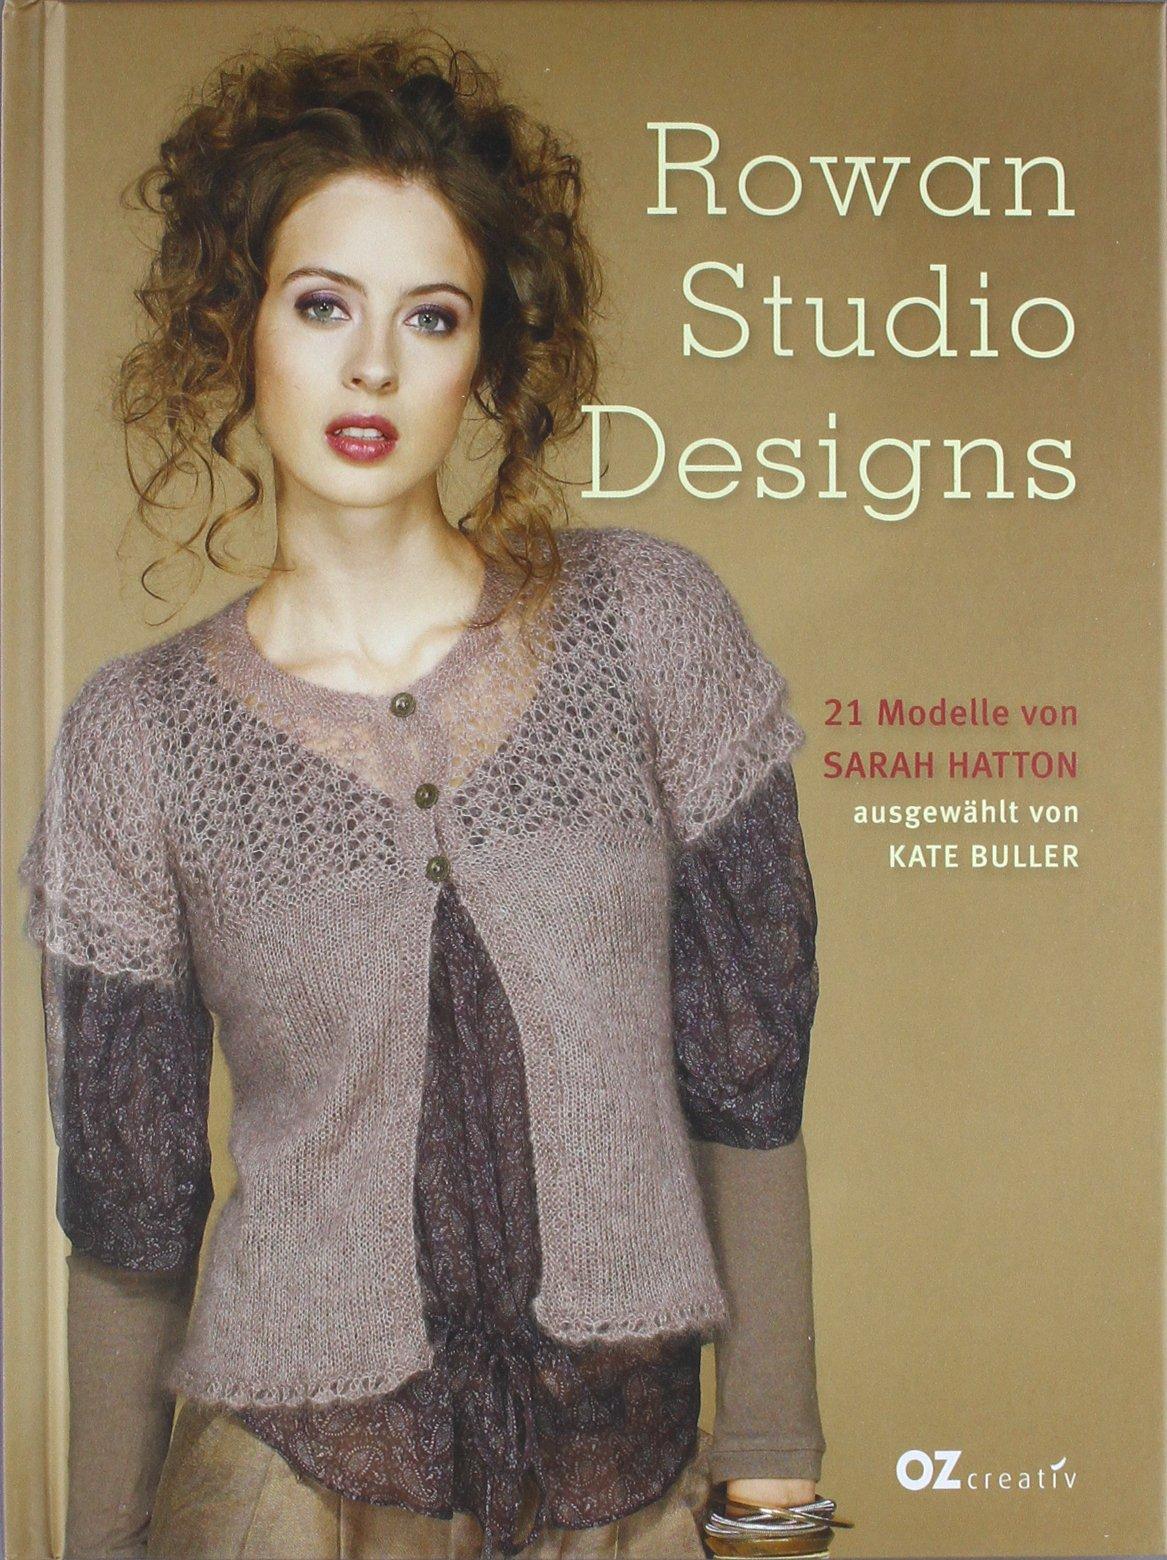 Rowan Studio Designs: 21 Modelle von Sarah Hatton